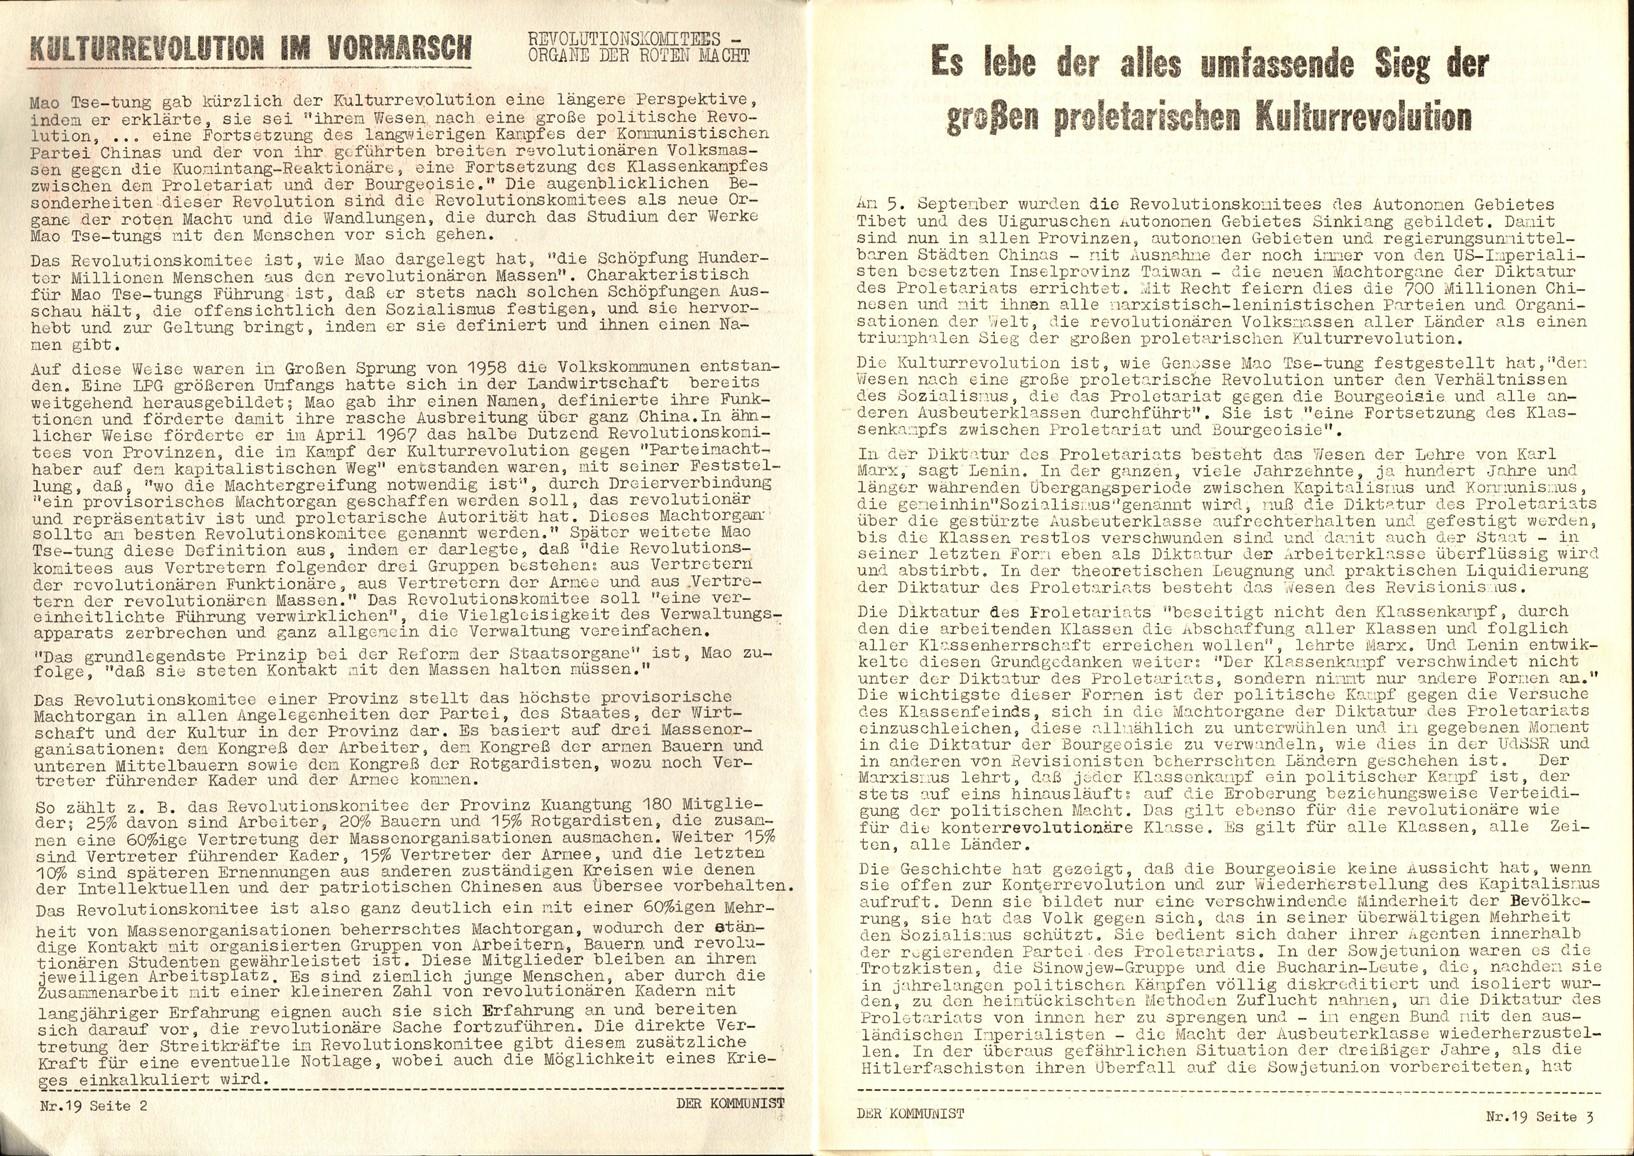 VRA_Der_Kommunist_19680900_02